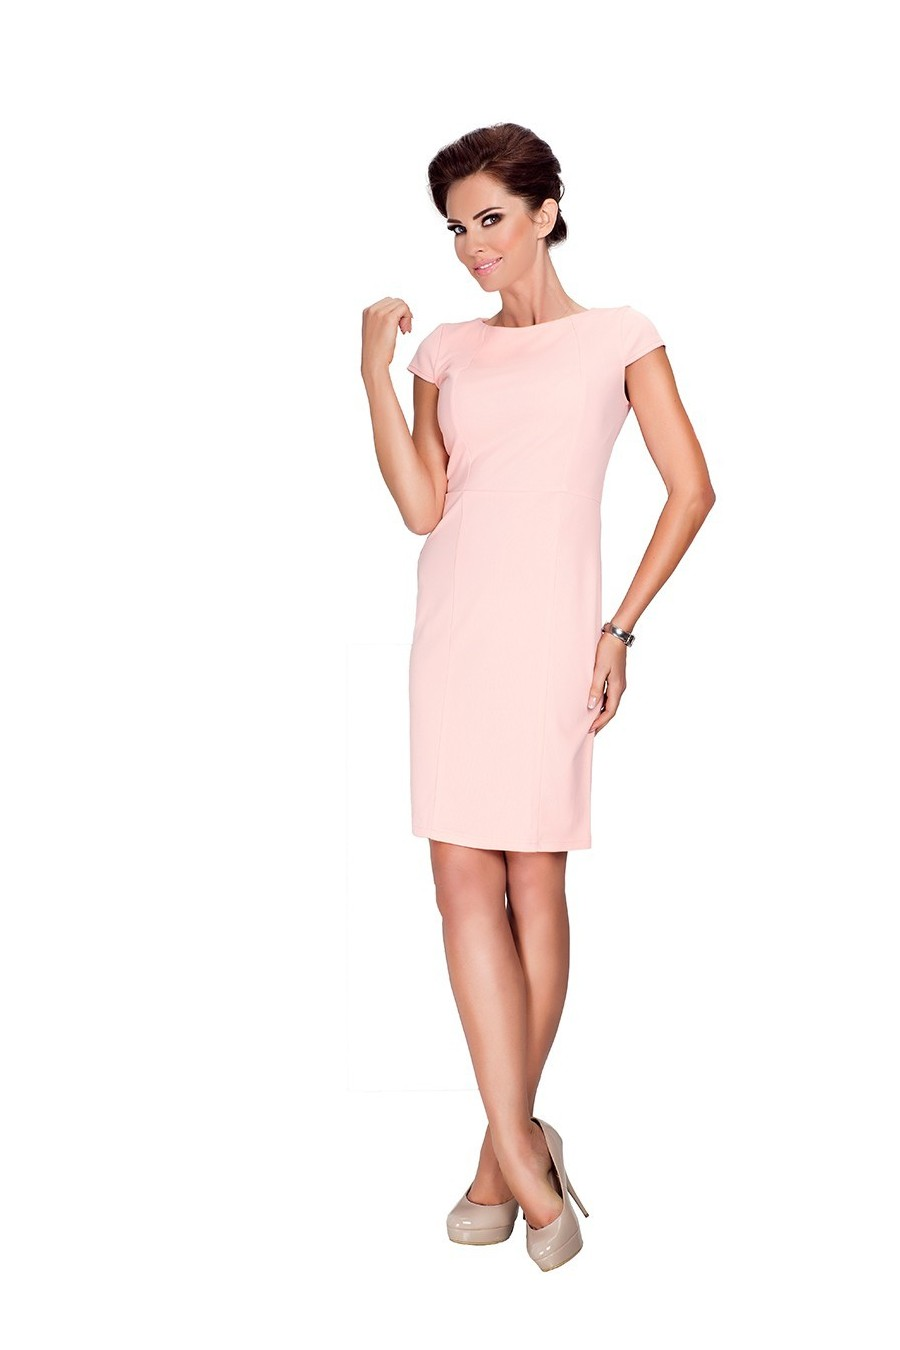 37-1 Elegantní šaty s krátkými rukávy - broskev